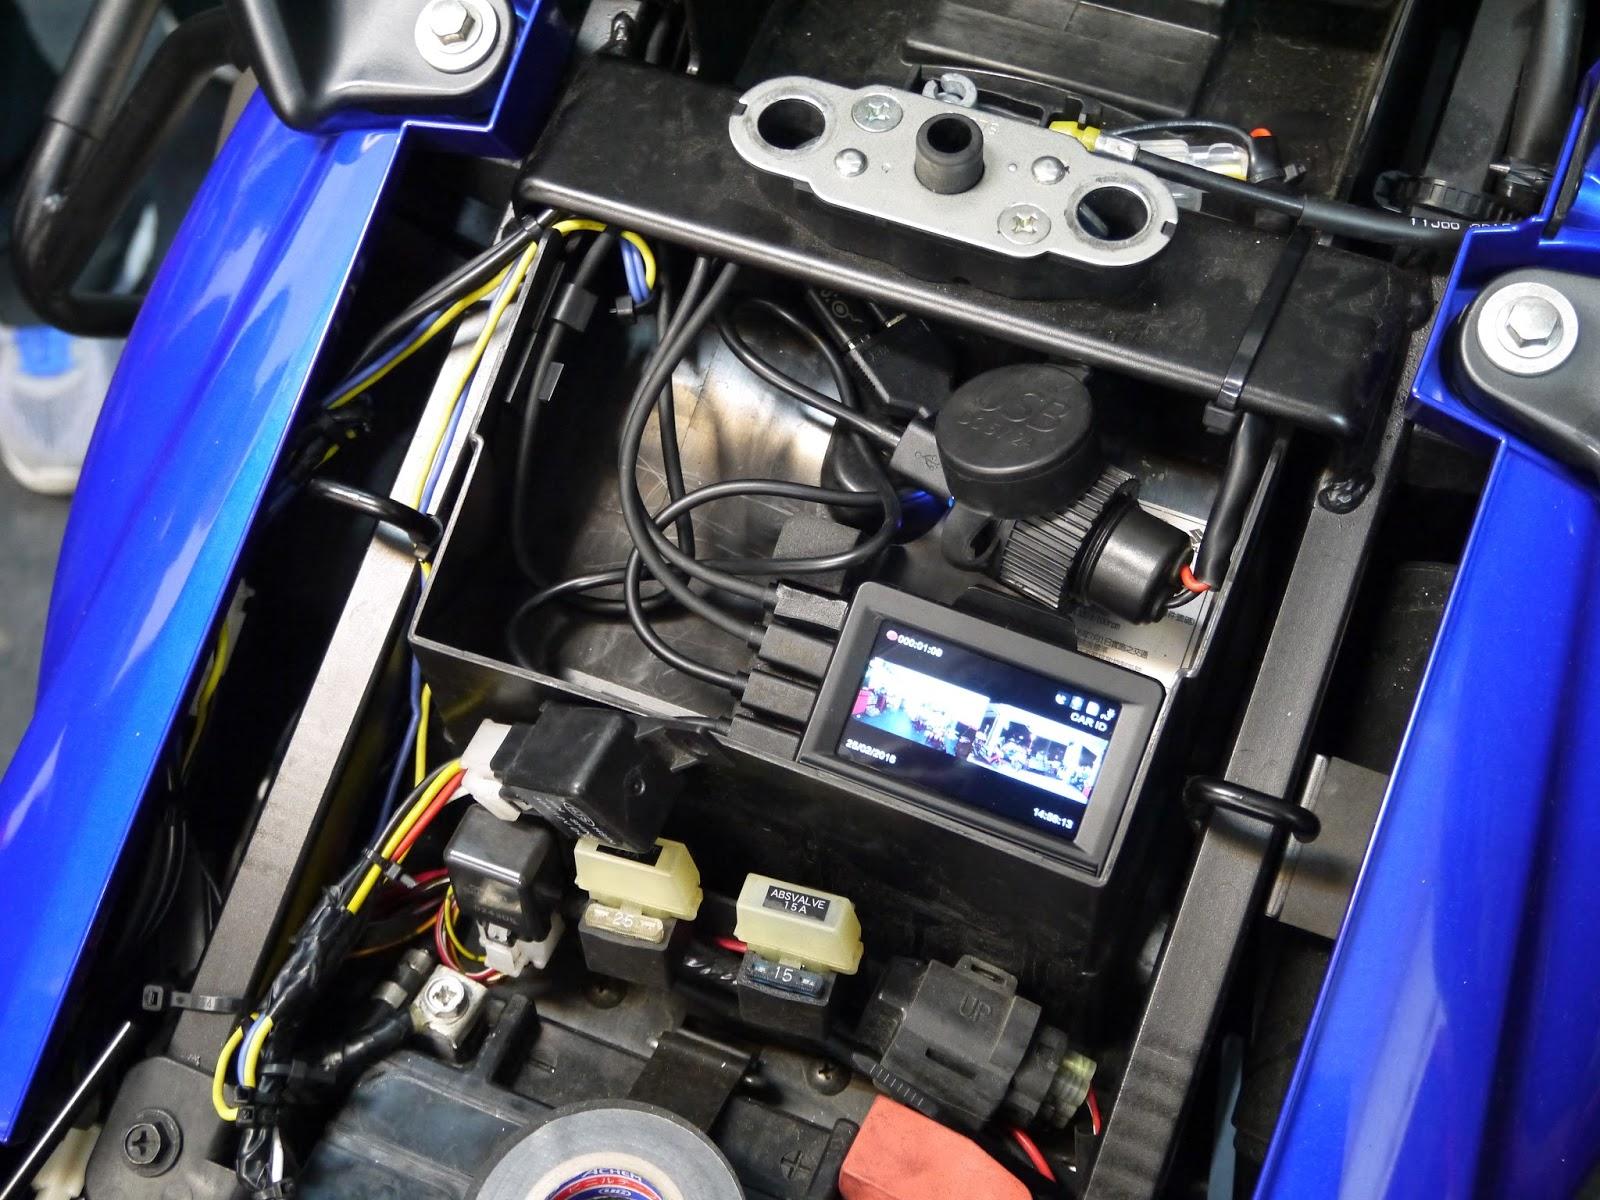 Innovv Action Cam Innovv K1 Motorcycle Camera Installed